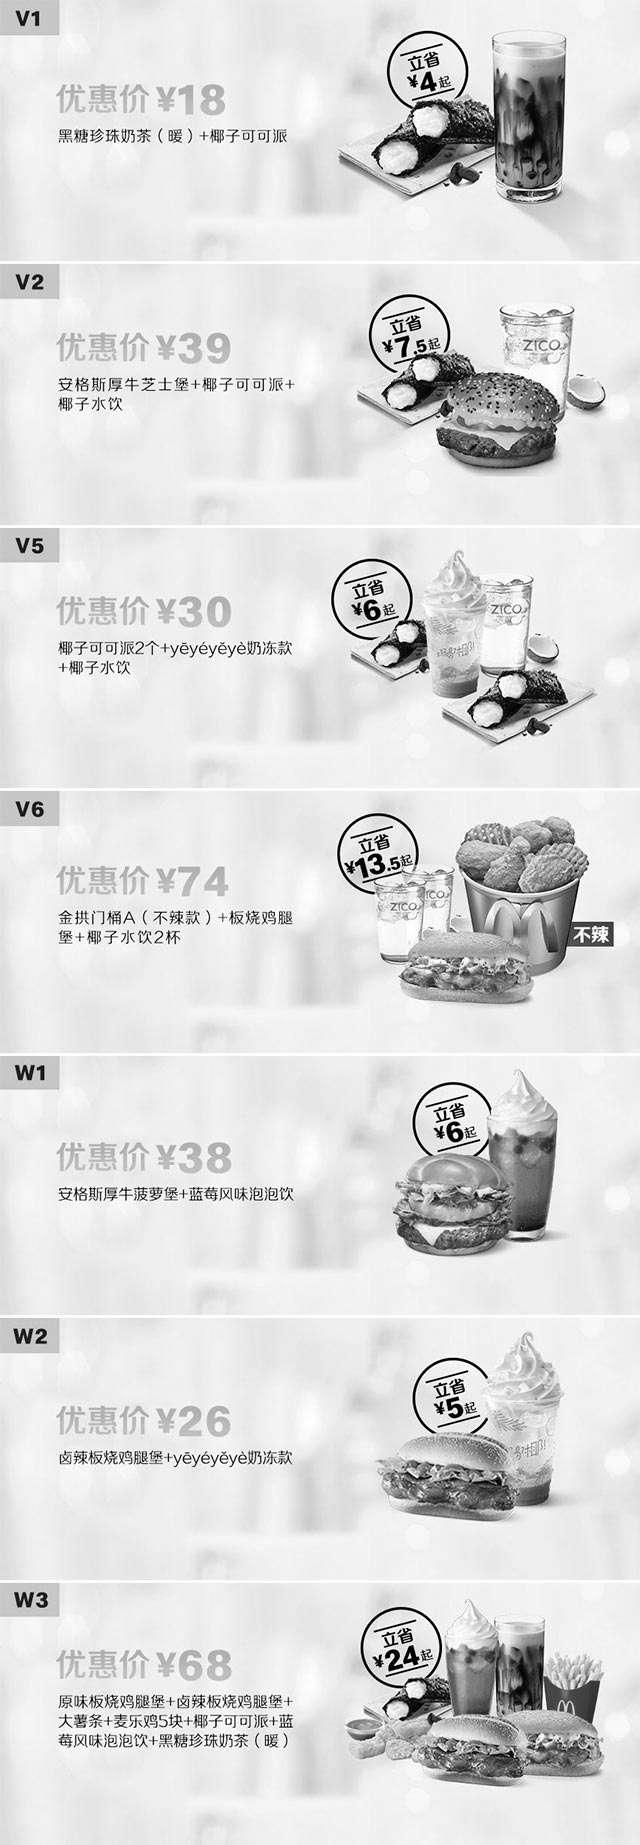 黑白优惠券图片:麦当劳优惠券2019年11月27日至2019年12月24日手机版整张,点餐时出示优惠券享优惠价 - www.5ikfc.com